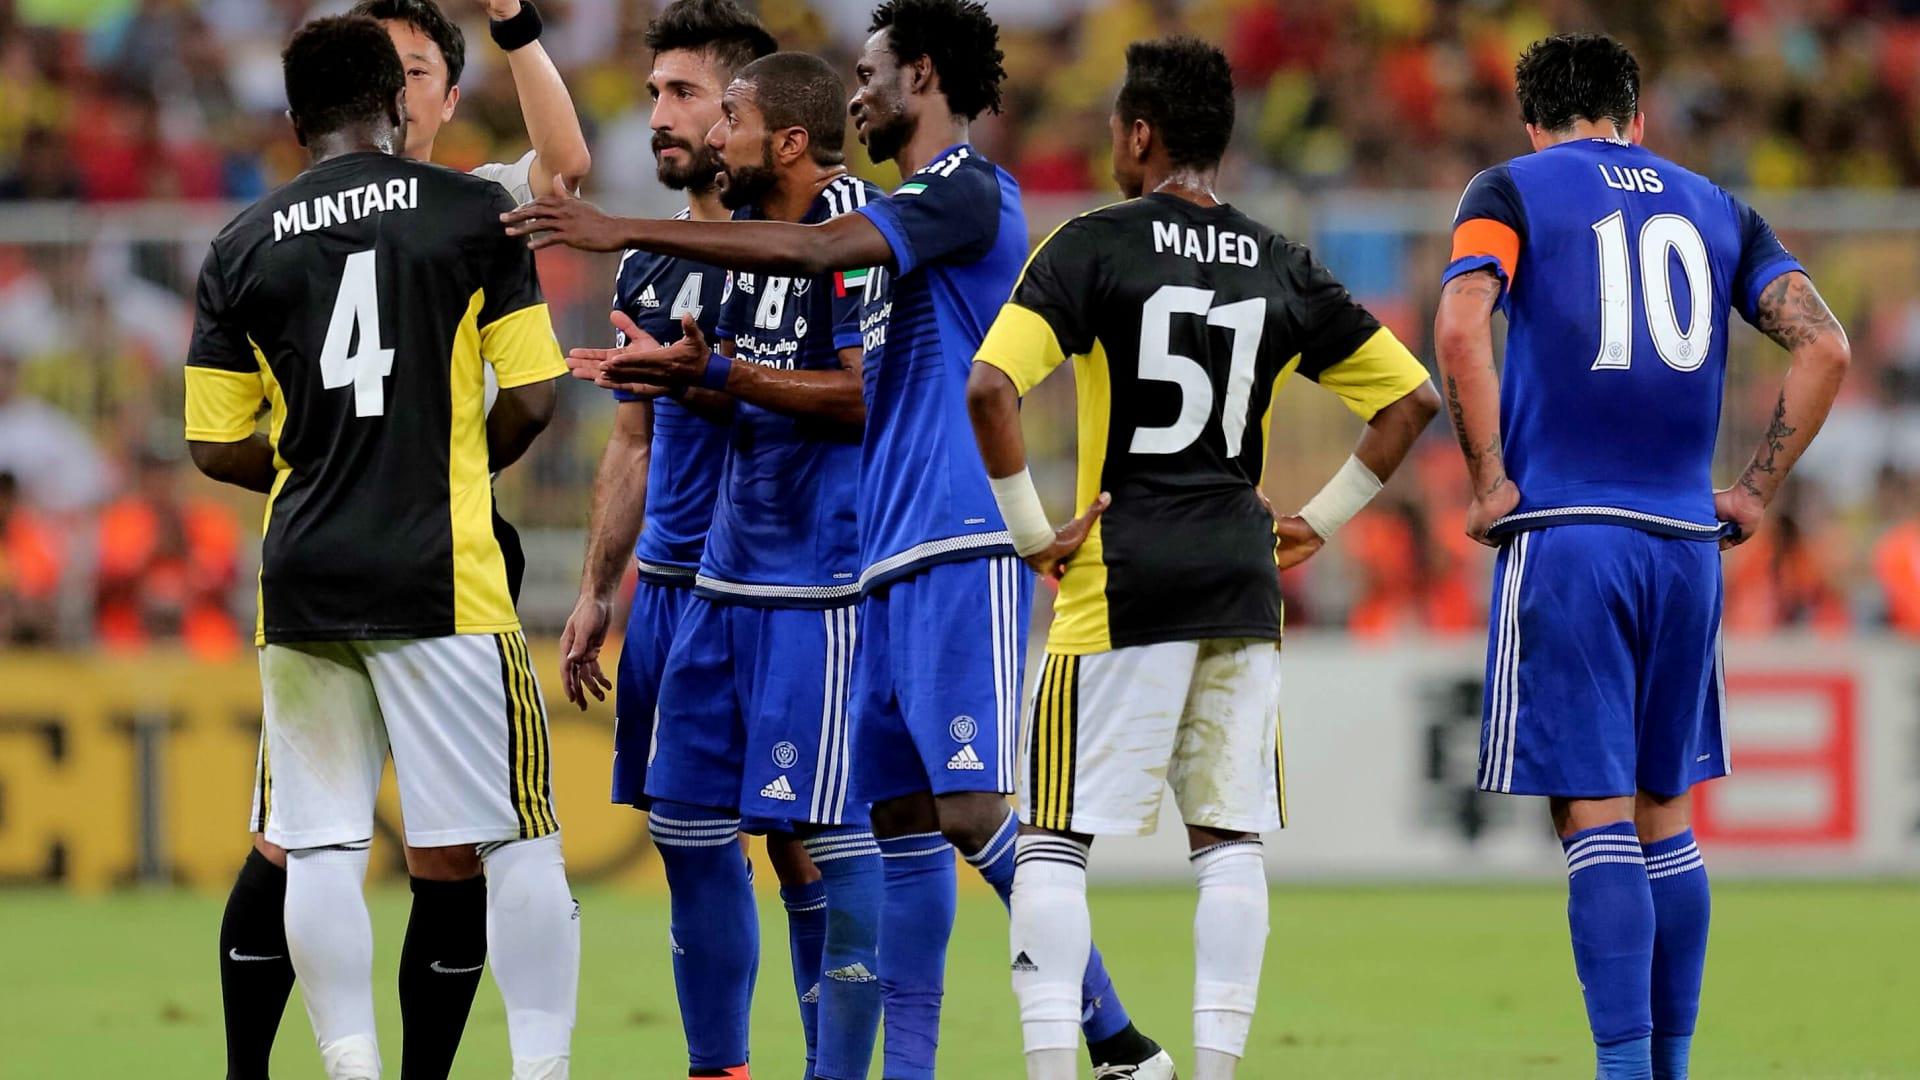 حكم المباراة يشهر البطاقة الصفراء في وجه لاعب نادي الاتحاد السعودي سولي مونتاري